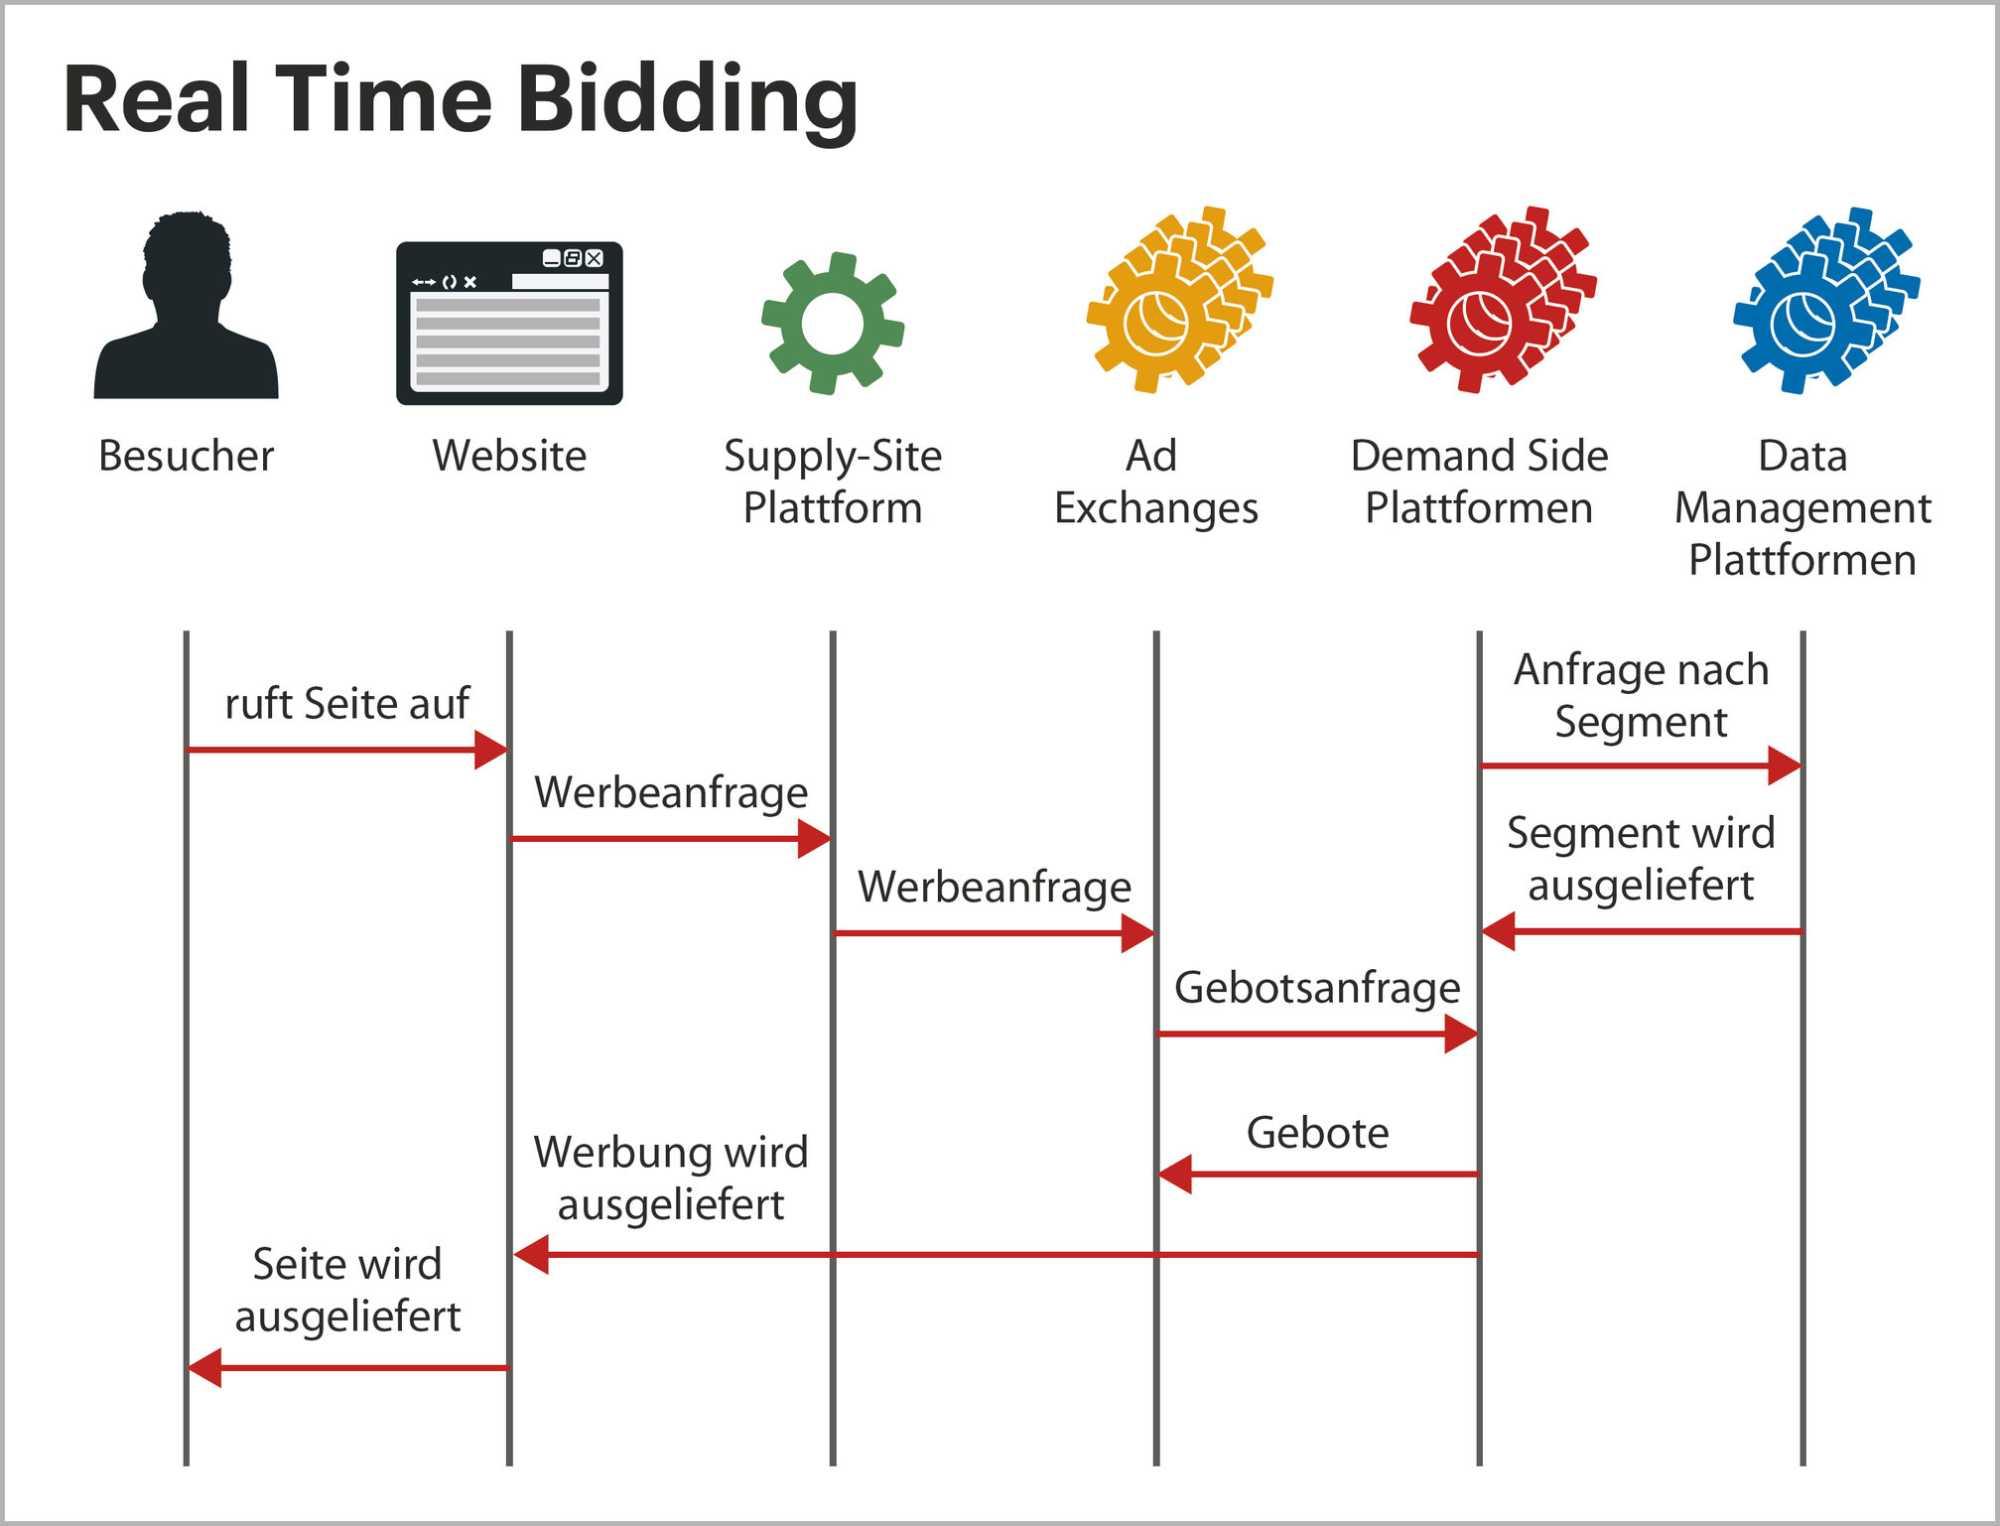 Ein Werbetreibender stellt seine Anfrage auf einer Demand Side Plattform (DSP) ein, etwa ein Banner, das gezielt über 40-jährigen, an BMWs interessierte Männern angezeigt werden soll. Ruft ein Besucher einer webseite auf, stellt der Website-Betreiber den darin enthaltenen Werbeplatz auf einer Supply Side Platform ein, die das Angebot über eine Ad Exchange an eine oder mehrere DSP aus Data-Management-Plattformen. Hat eine DSP eine Kampagne, die zum Benutzer passt, bietet sie auf den WErbeplatz. Gewinnt sie die Auktion, liefert sie die Werbung aus.